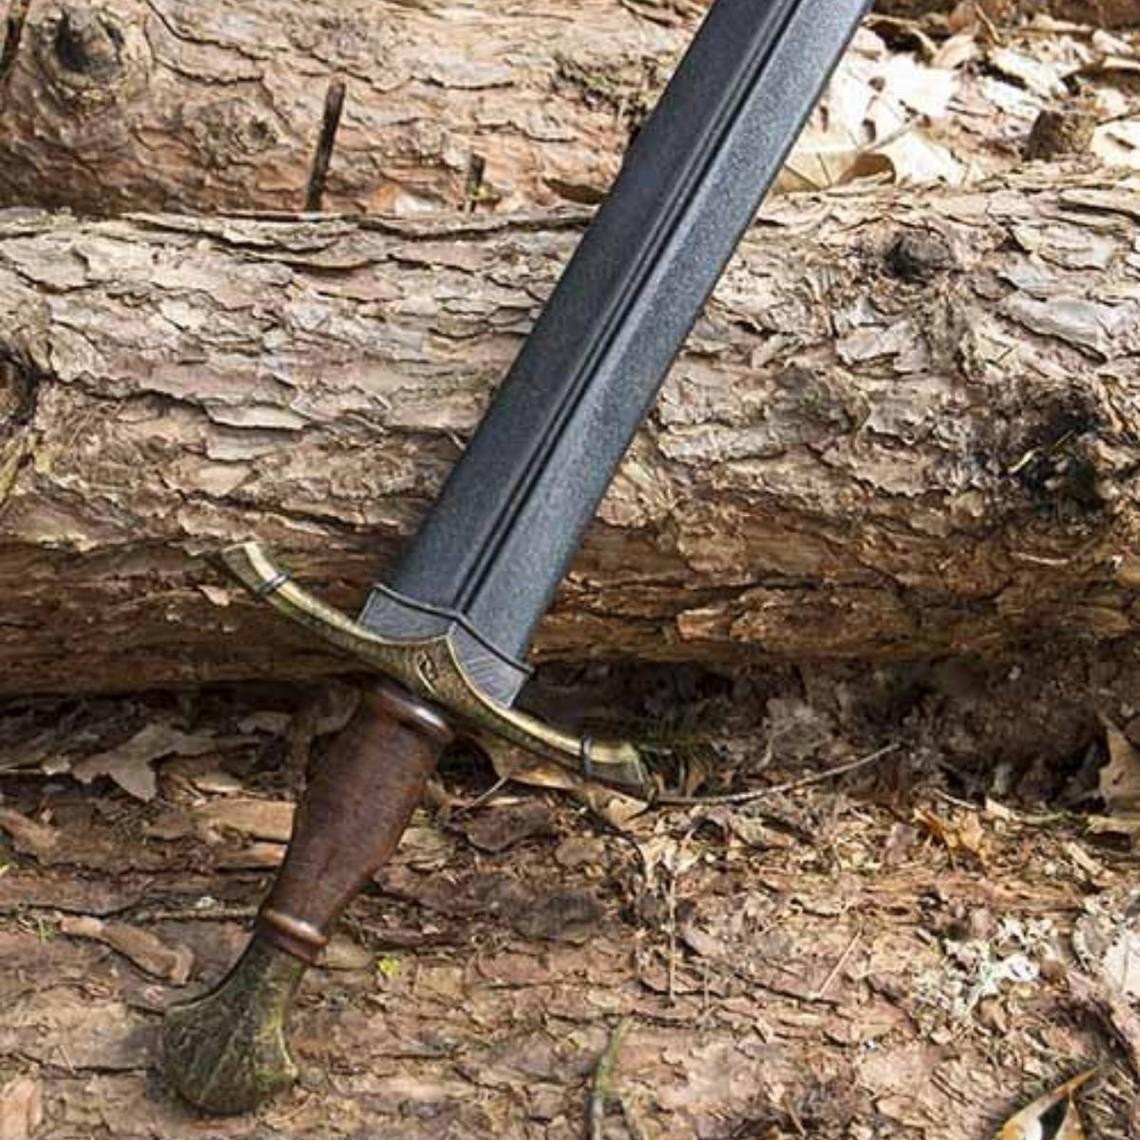 Epic Armoury LARP Ranger sword 60 cm